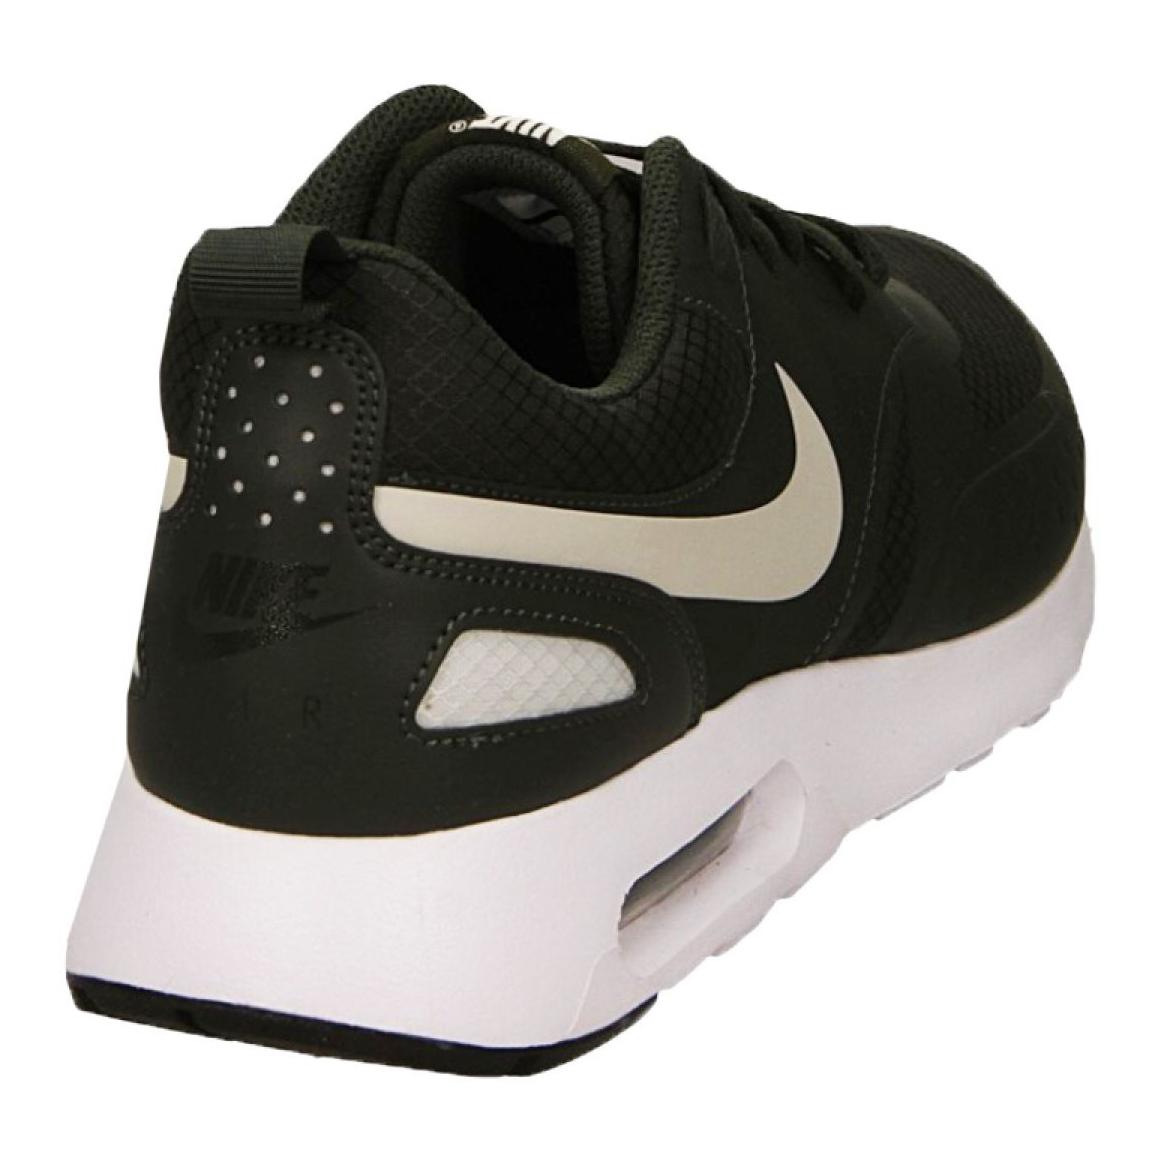 Dettagli su Scarpe Nike Air Max Vision Se M 918231 300 verde